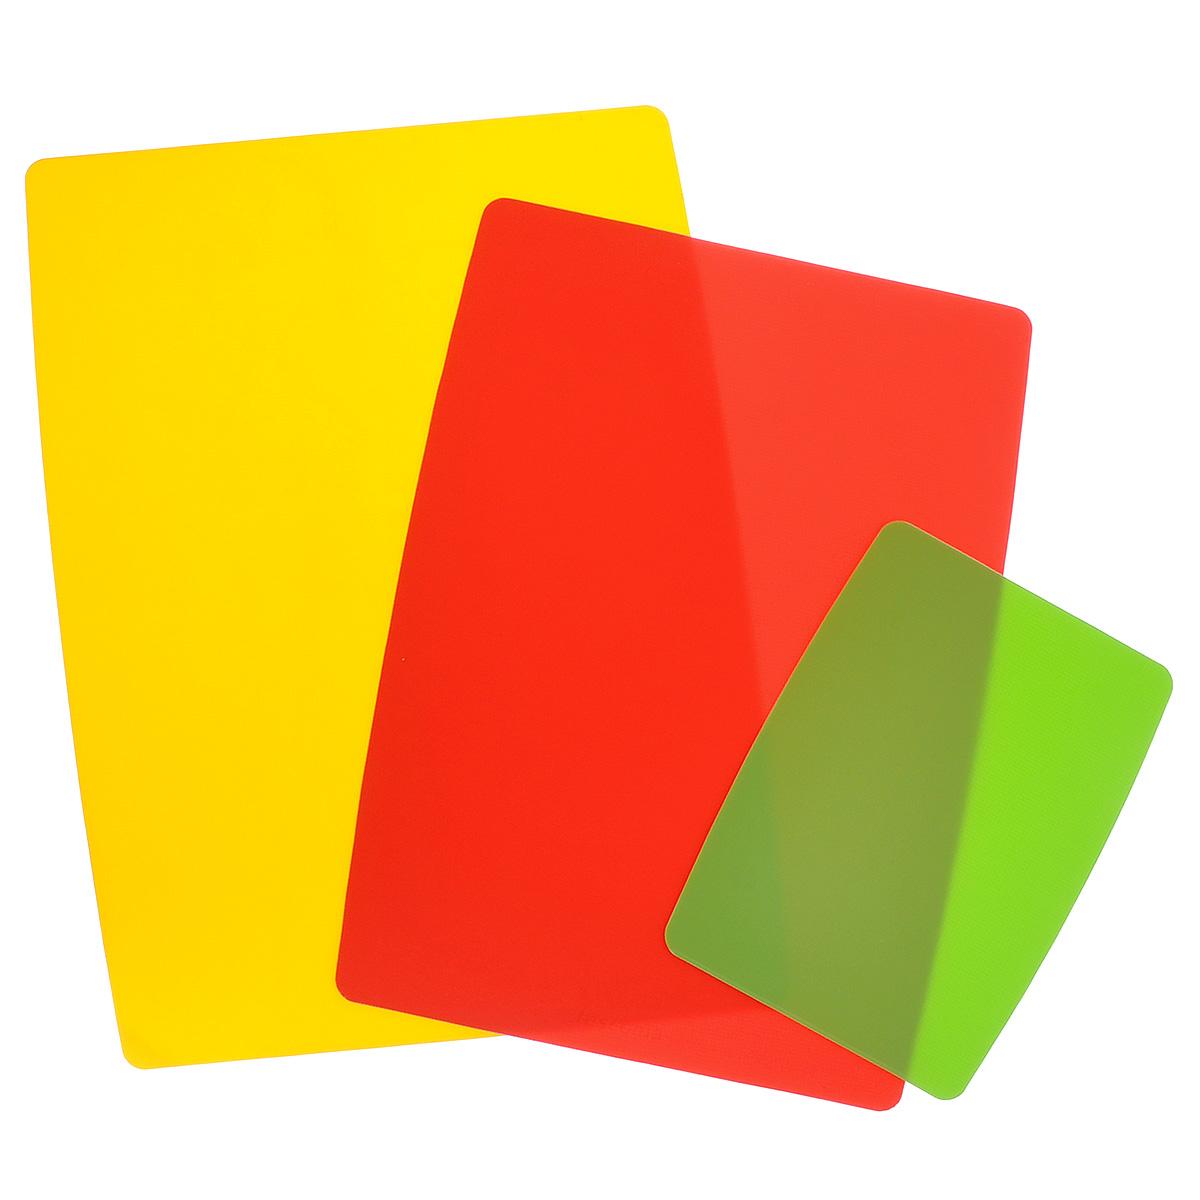 Доски разделочные Tescoma Presto, гибкие, цвет: желтый, красный, салатовый, 3 шт60047Гибкие разделочные доски Tescoma Presto прекрасно подходят для разделки всех видов пищевых продуктов. Они имеют слой для защиты от скольжения, благодаря которому прилегают к столу и не скользят. Изготовлены из гибкой пластмассы для удобства переноски и высыпания. Пригодны для посудомоечной машины.Размер большой доски: 40 х 28,5 см.Размер средней доски: 37 х 24,5 см.Размер маленькой доски: 25 х 15 см.